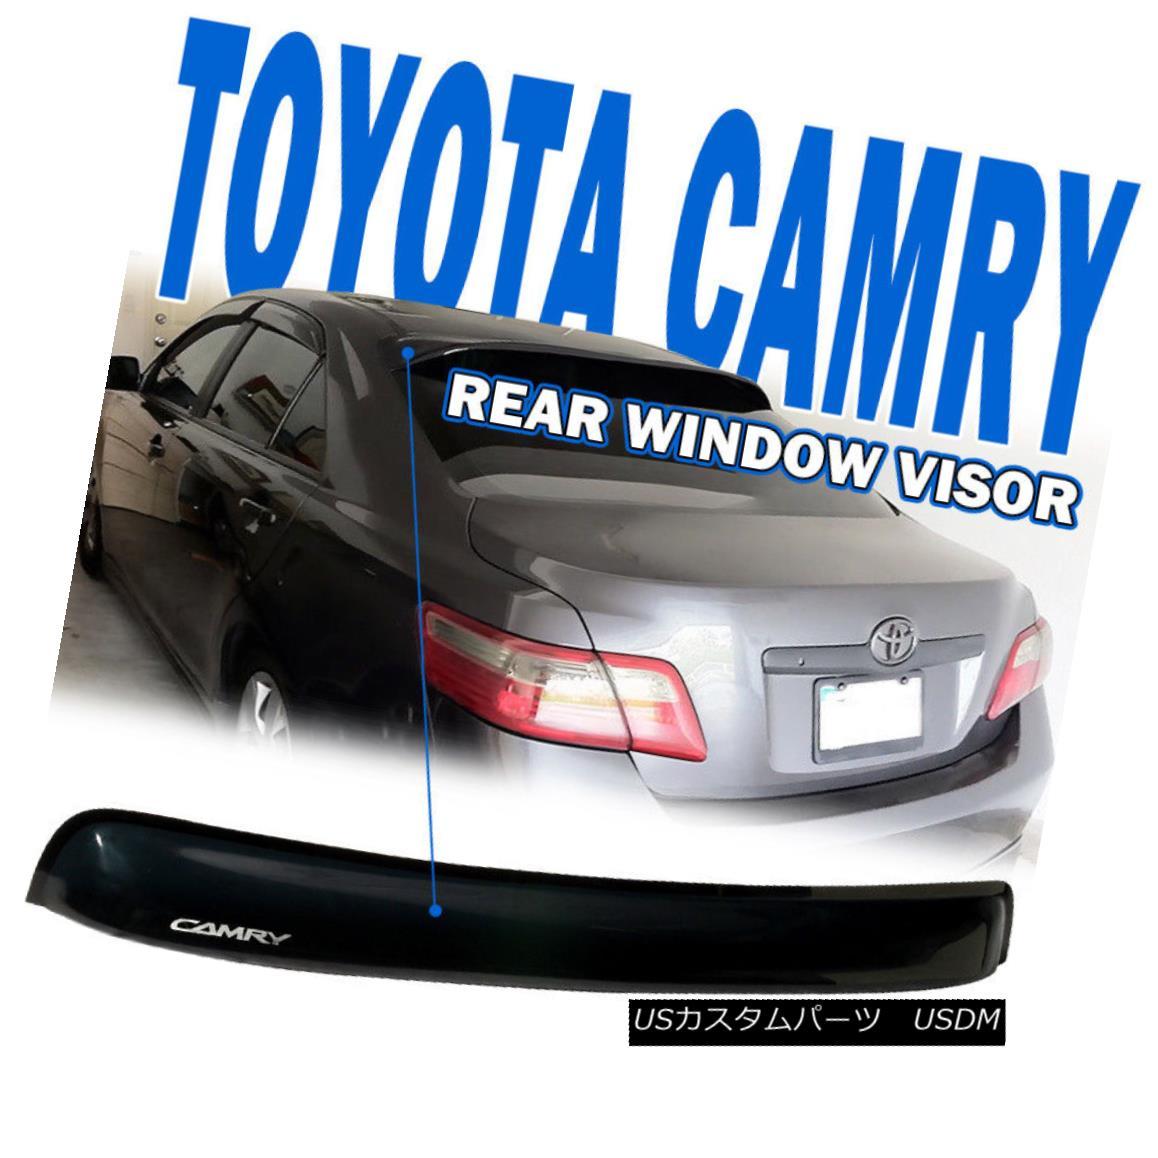 エアロパーツ Fit 07-11 Toyota Camry XV40 Sedan OE Rear Roof Window Visor Spoiler Wing Acrylic フィット07-11トヨタカムリXV40セダンOEリアルーフウィンドウバイザースポイラーウイングアクリル